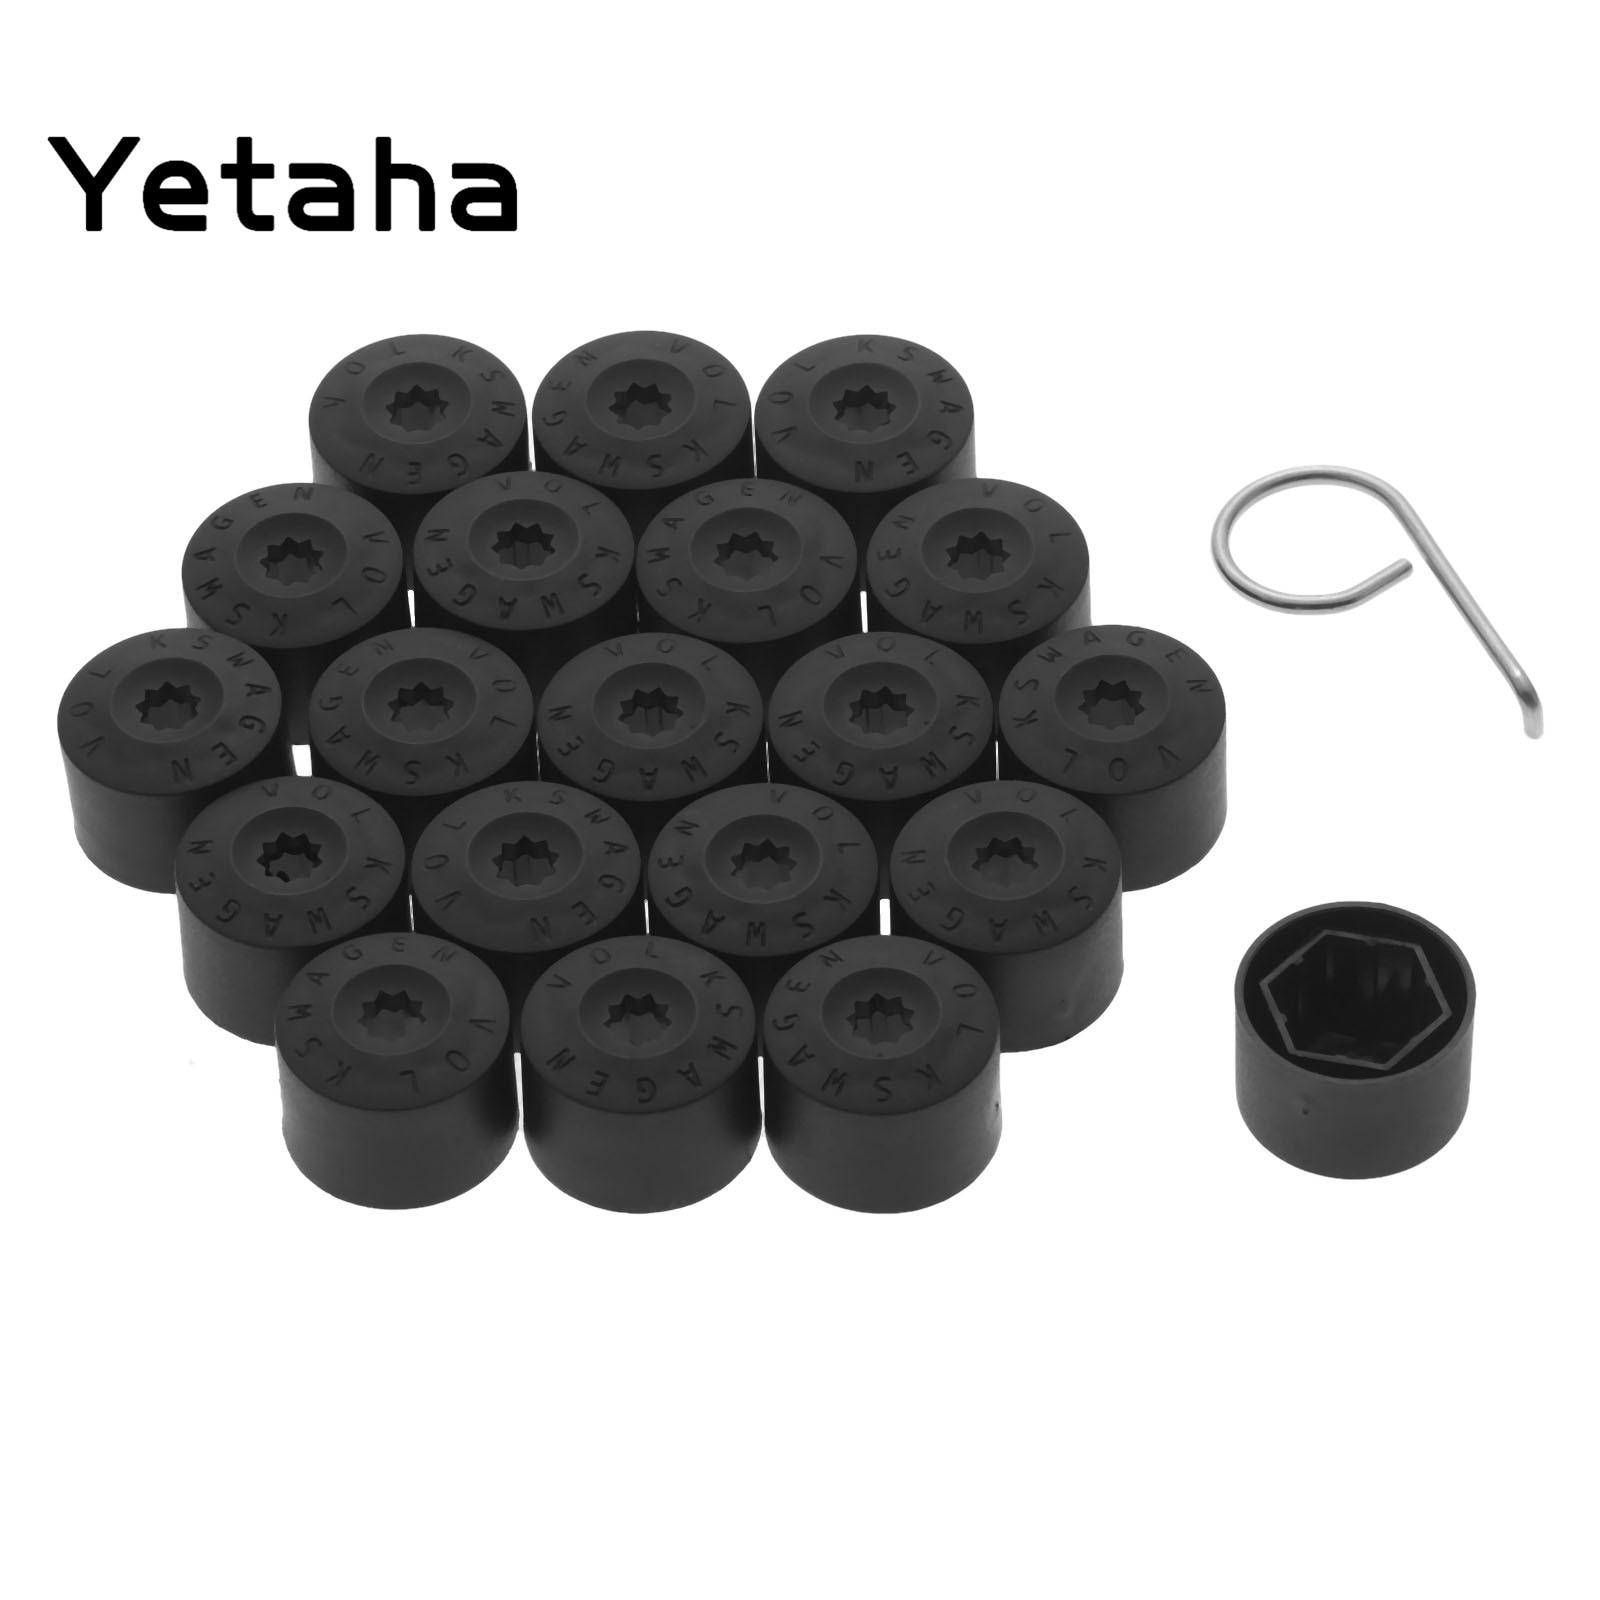 16 negro tuercas de rueda tuercas m12x1,25x34 sw19 60 ° cono kegelbund